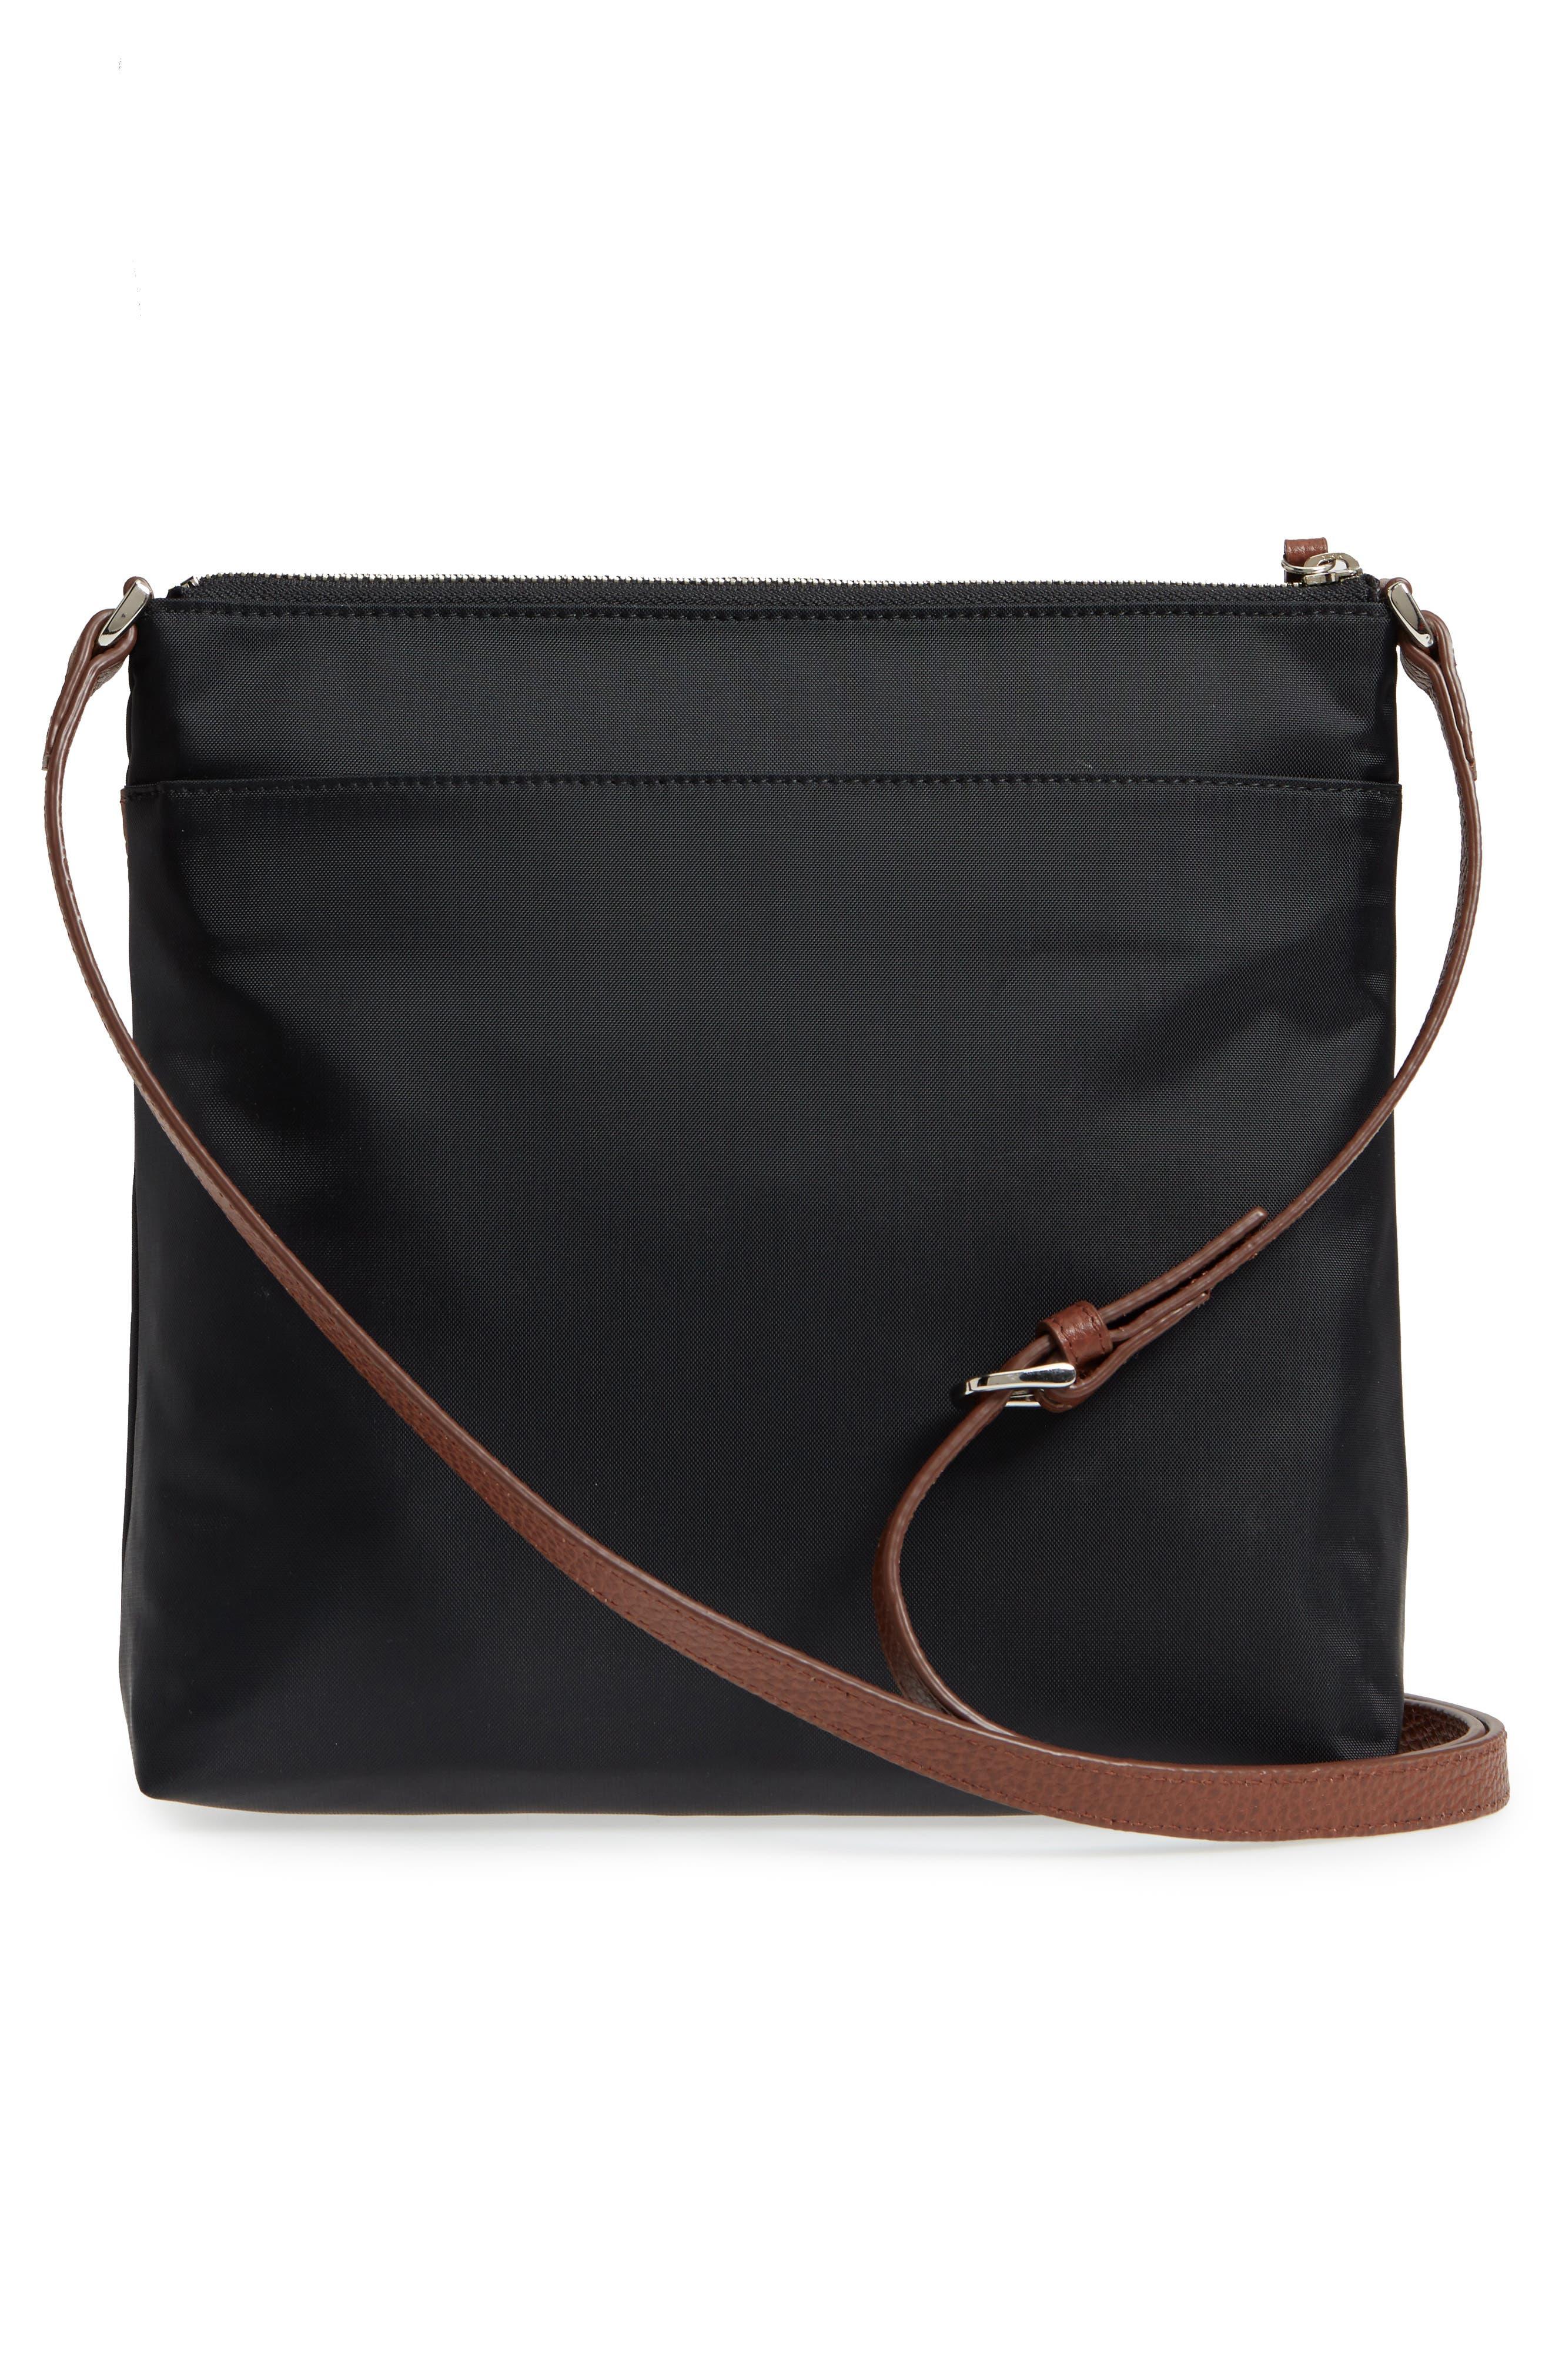 Kaison Nylon Crossbody Bag,                             Alternate thumbnail 3, color,                             002